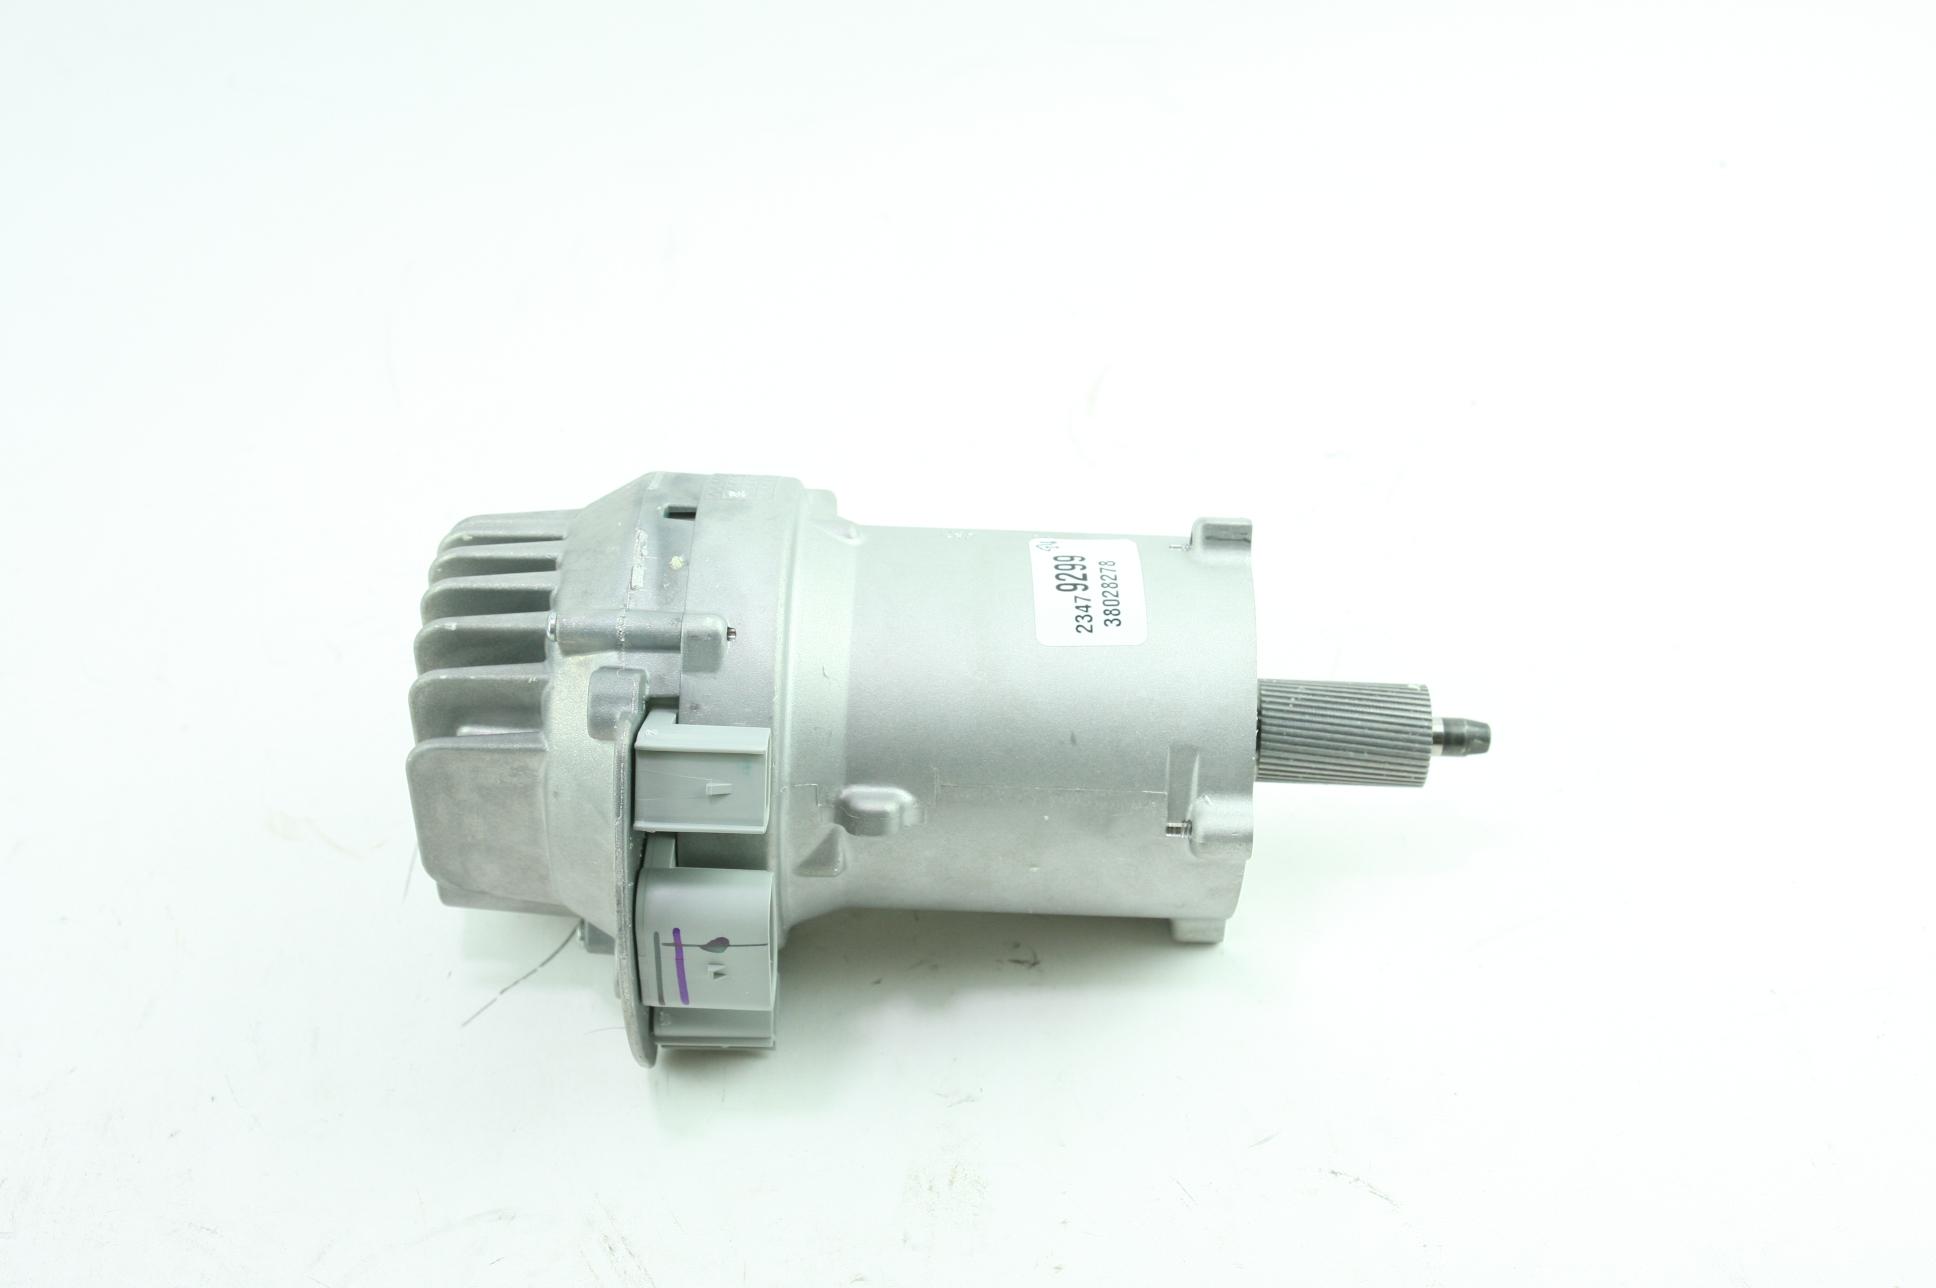 New OEM 23479299 Genuine GM Steering Gear Electric Power Steering Motor NIP - image 1